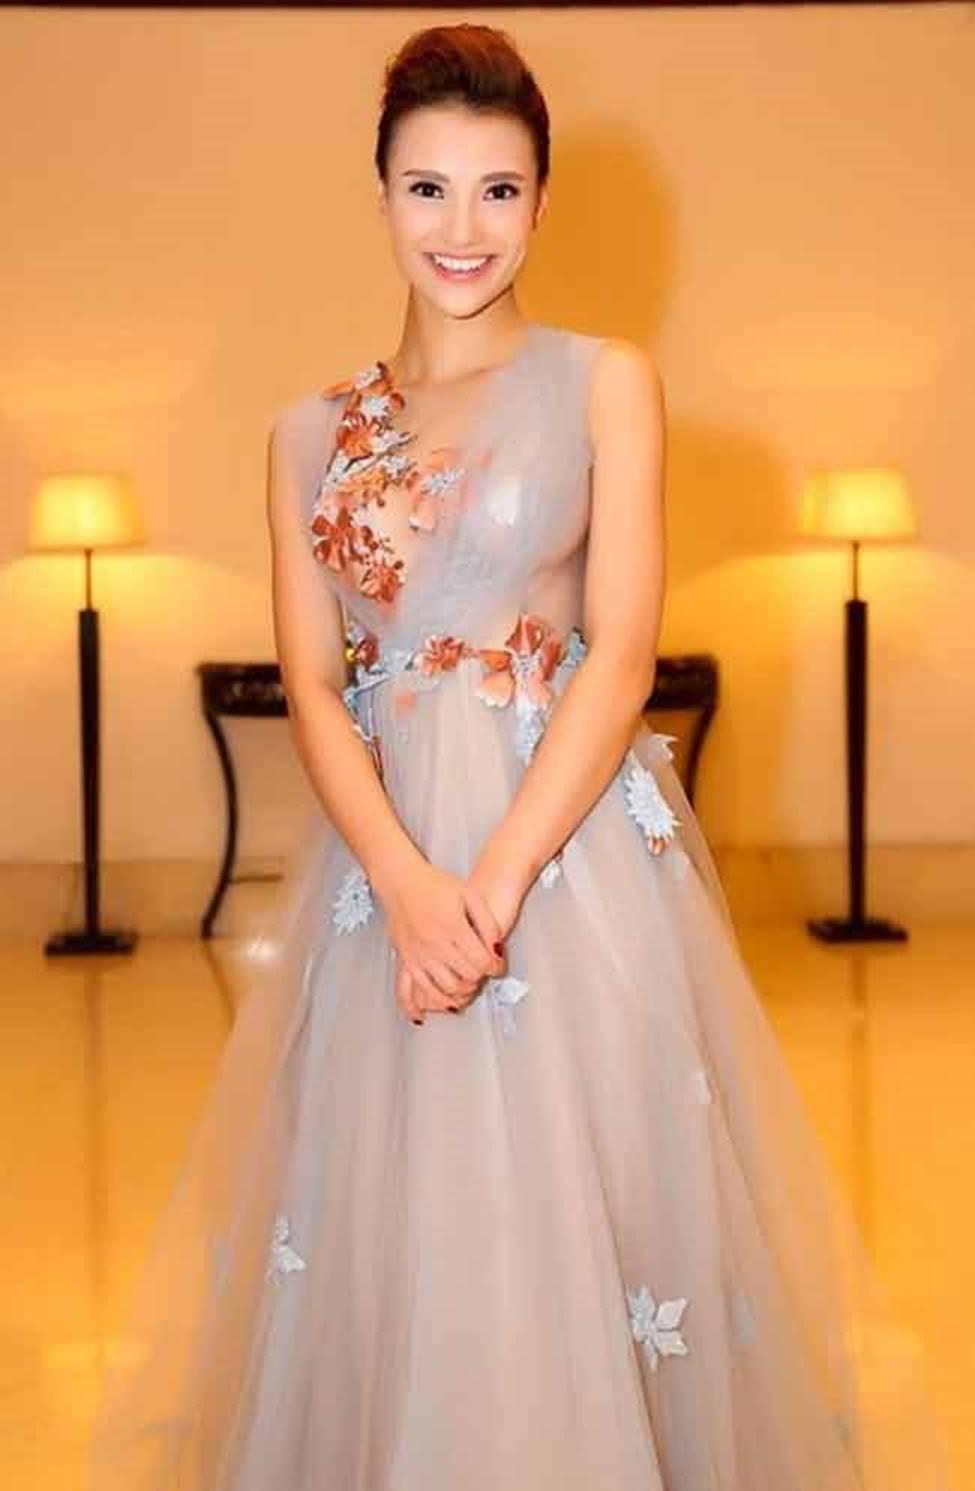 Sau khi trở lại, Hồng Quế vẫn liên tiếp gây ồn ào với cách ăn mặc gái hư-12